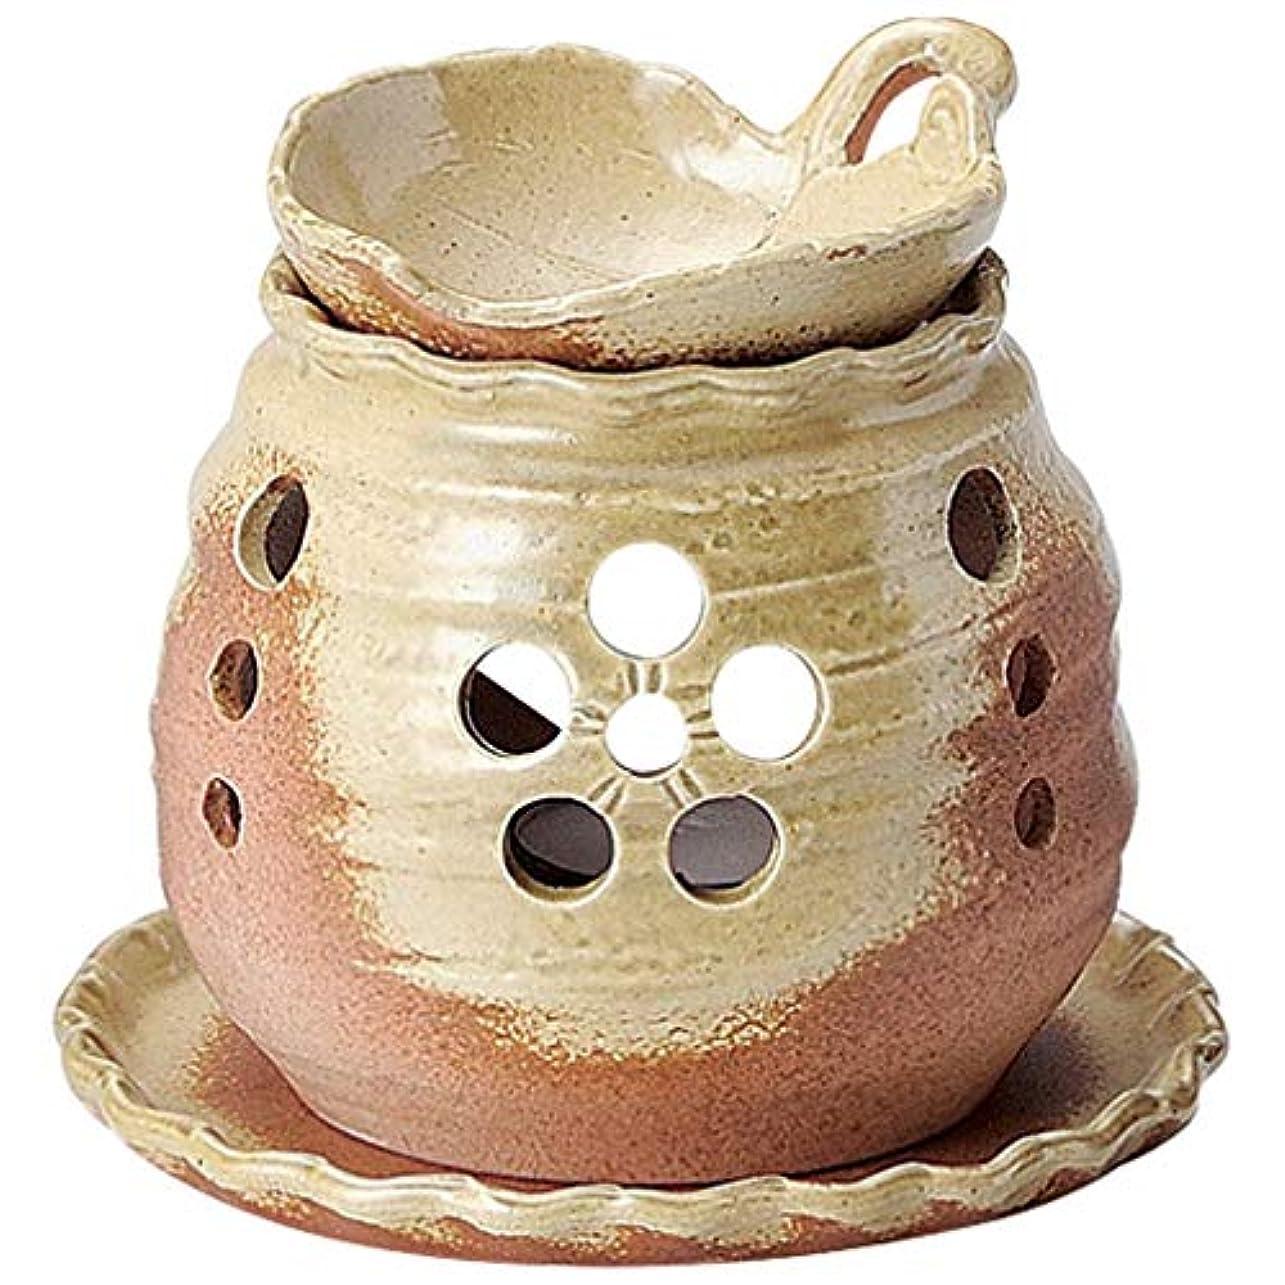 マンハッタン電子証言する常滑焼 G1706 茶香炉  径10.5×11.5cm